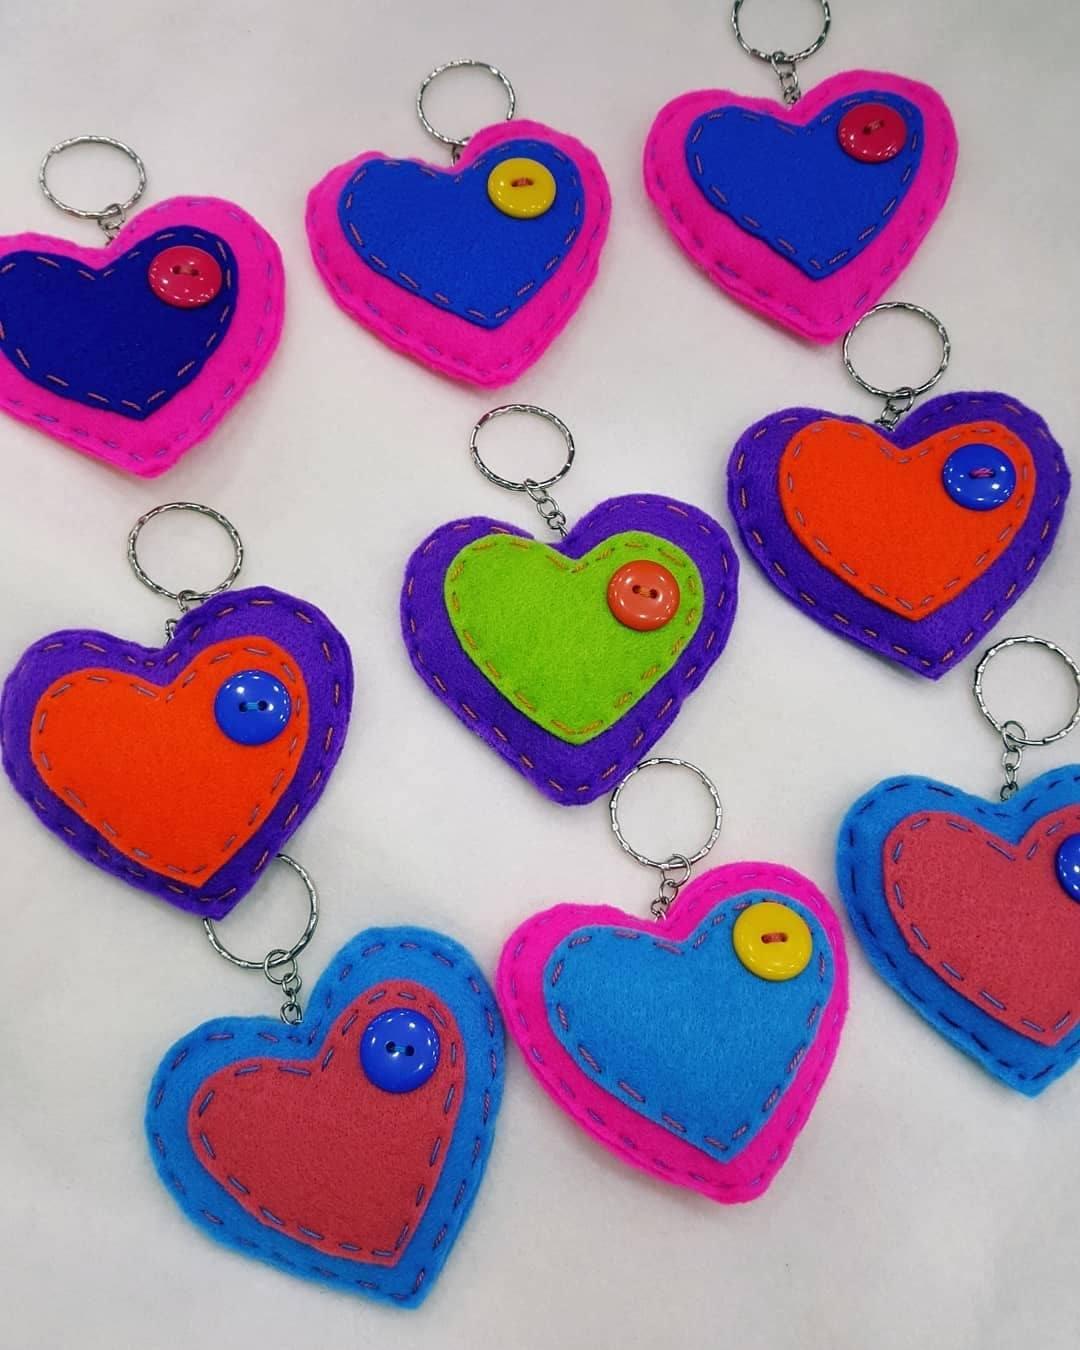 Llavero de fieltro y botones en forma de corazón